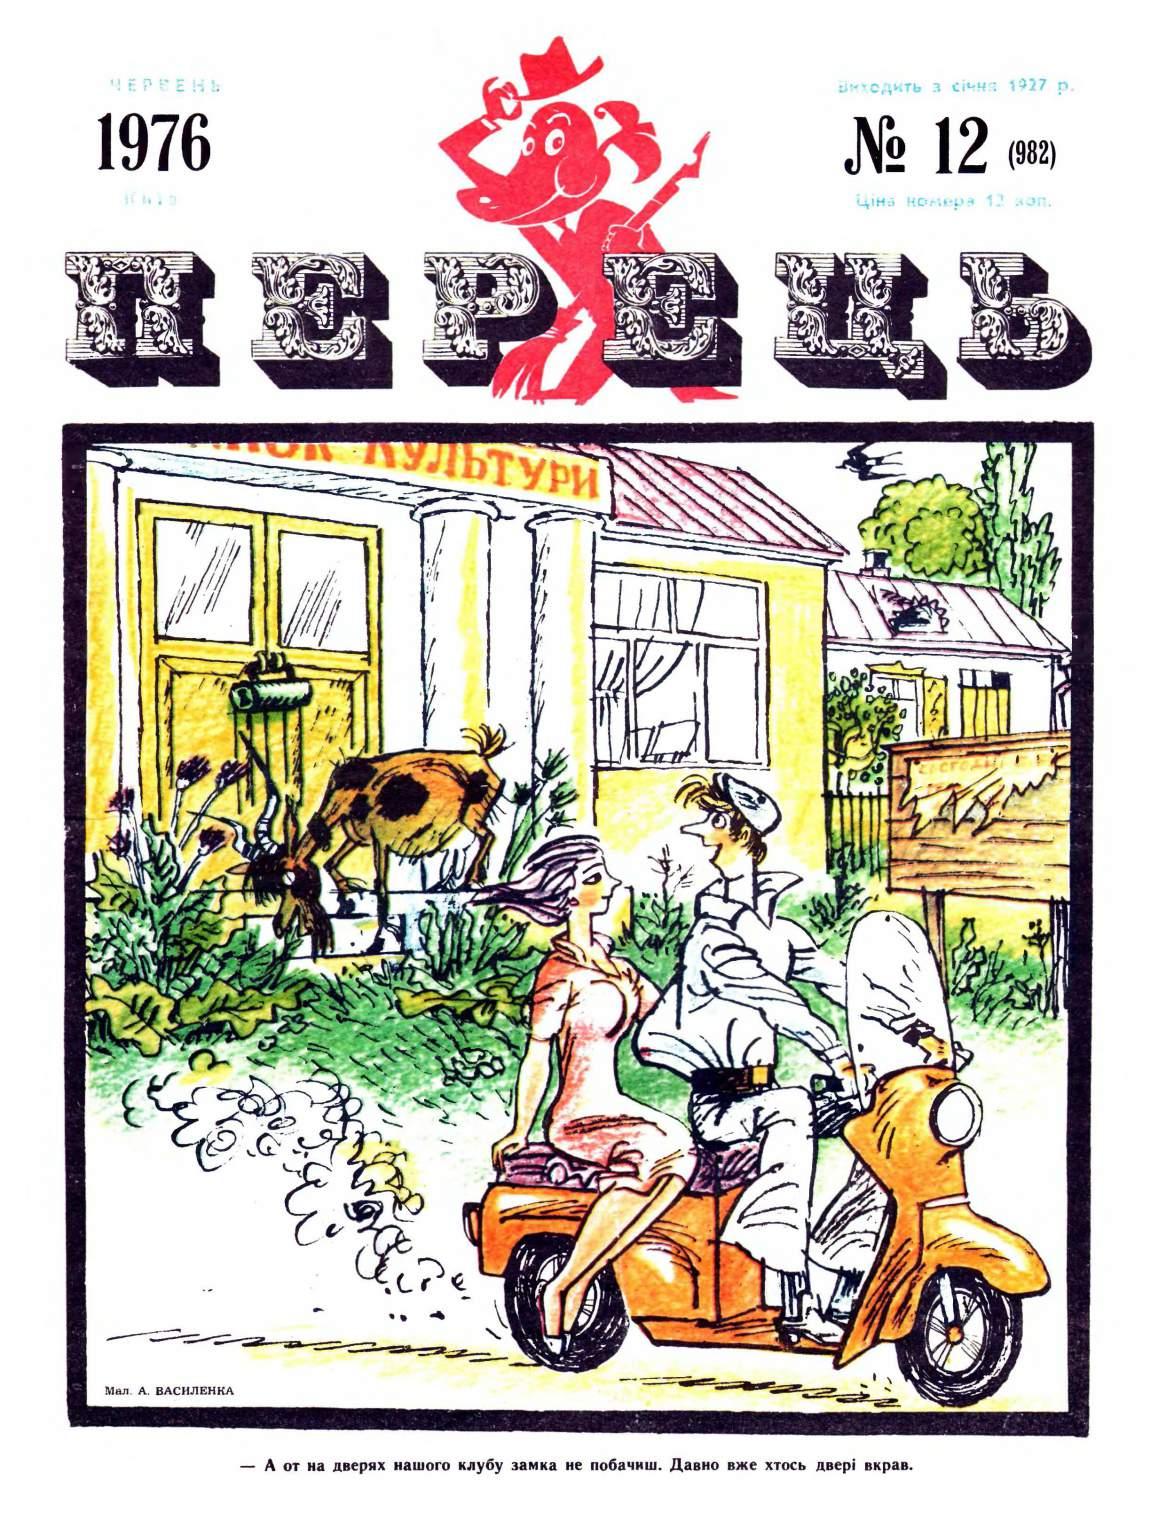 Журнал перець 1976 №12